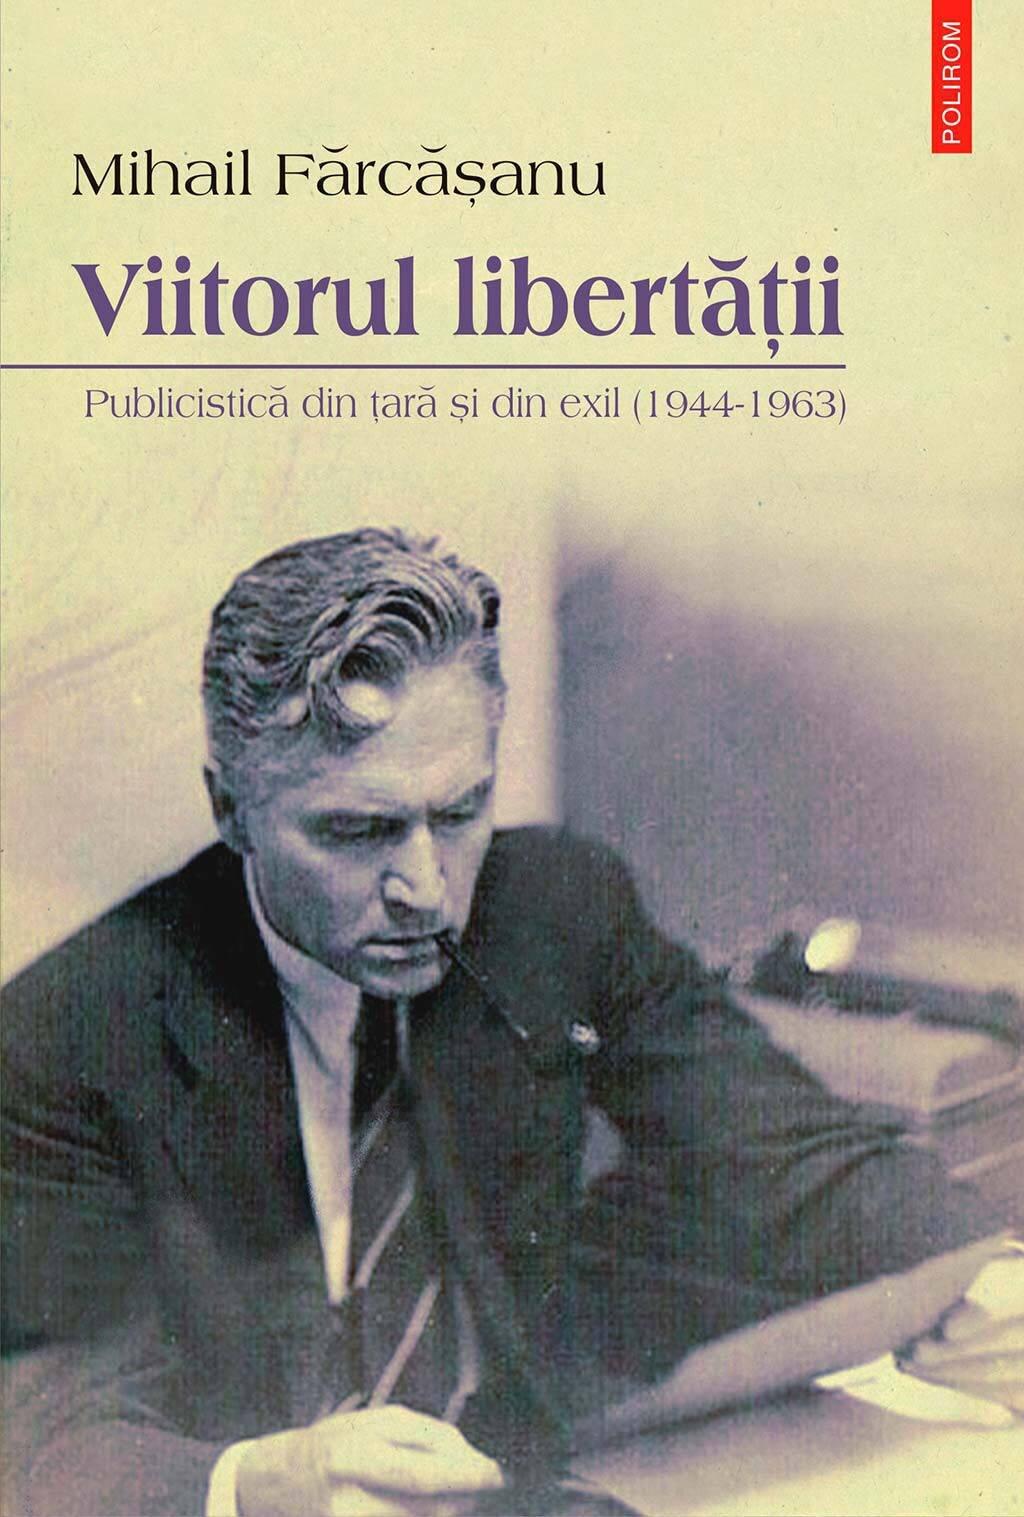 Viitorul libertatii. Publicistica din tara si din exil (1944-1963) (eBook)